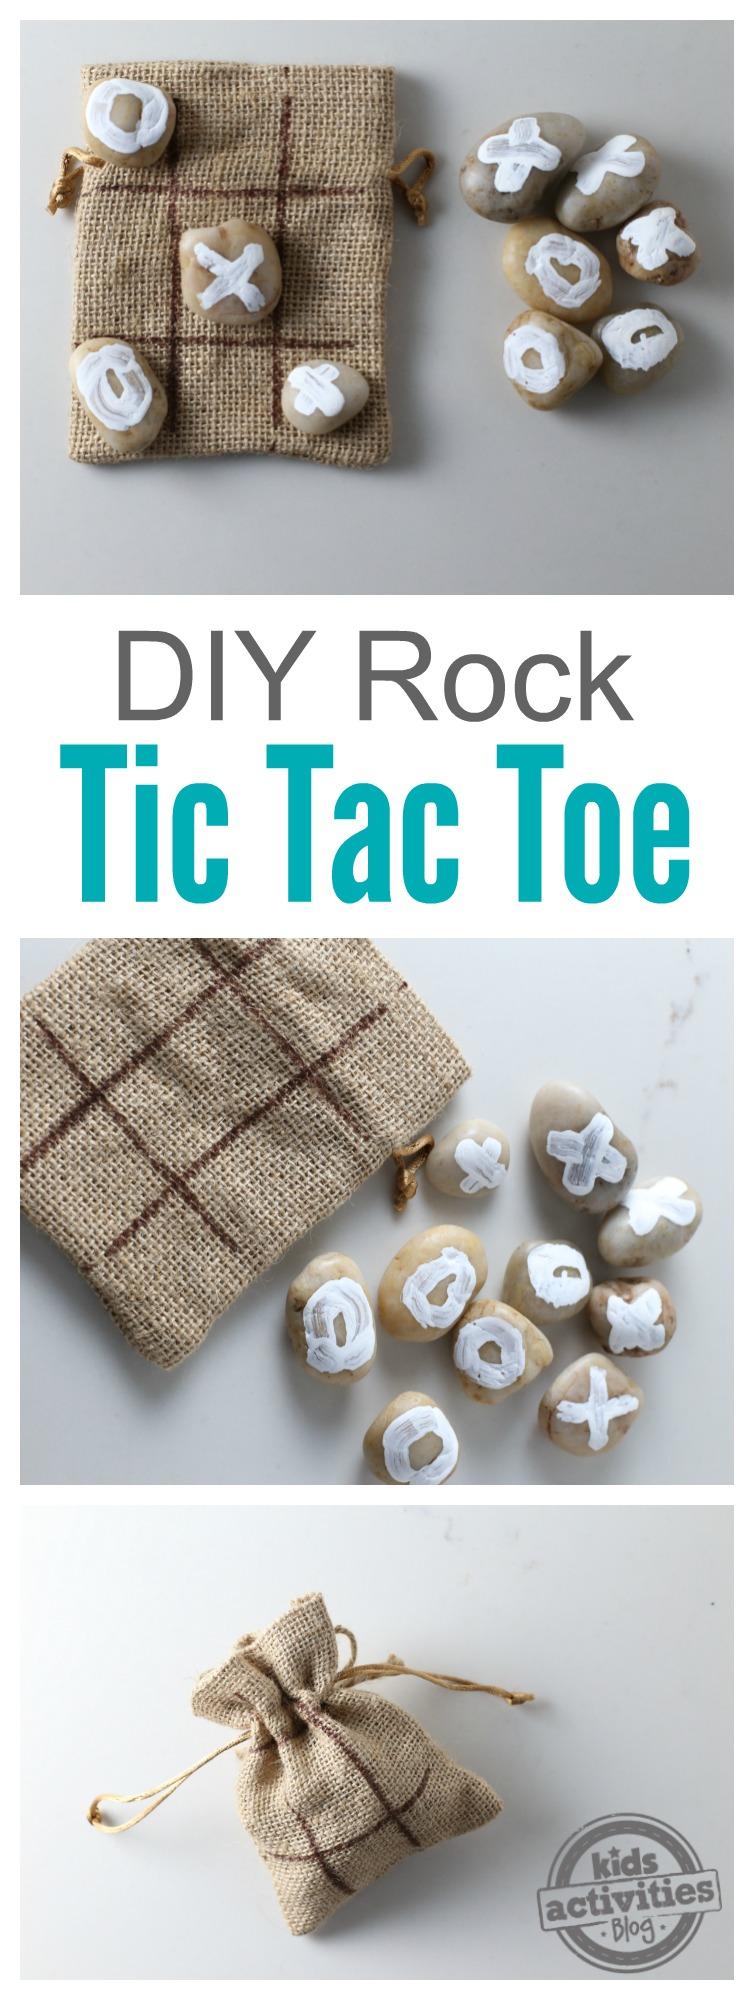 DIY Rock Tic Tac Toe